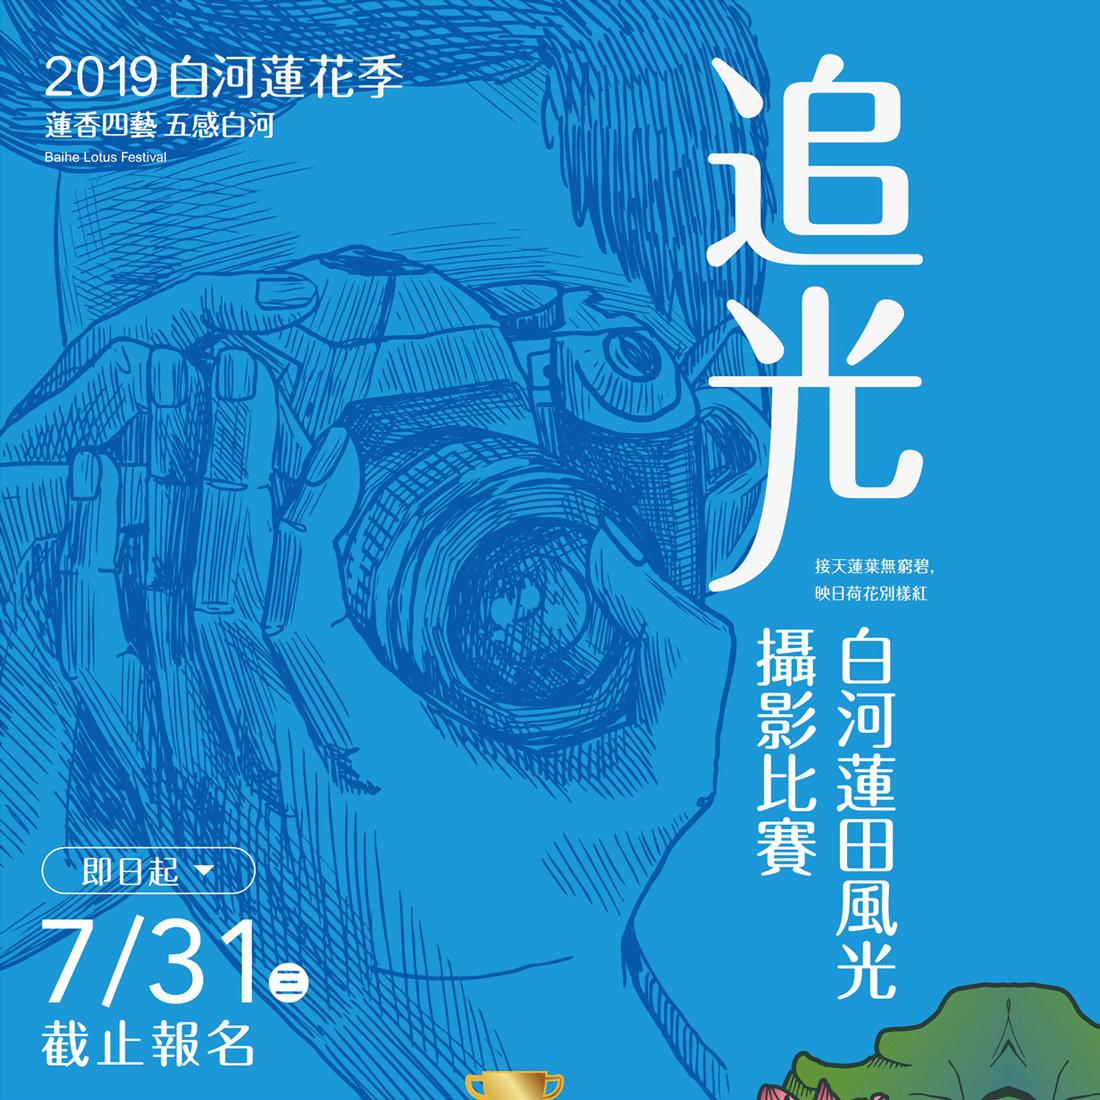 2019「白河蓮花季」。「追光」白河蓮田風光攝影比賽